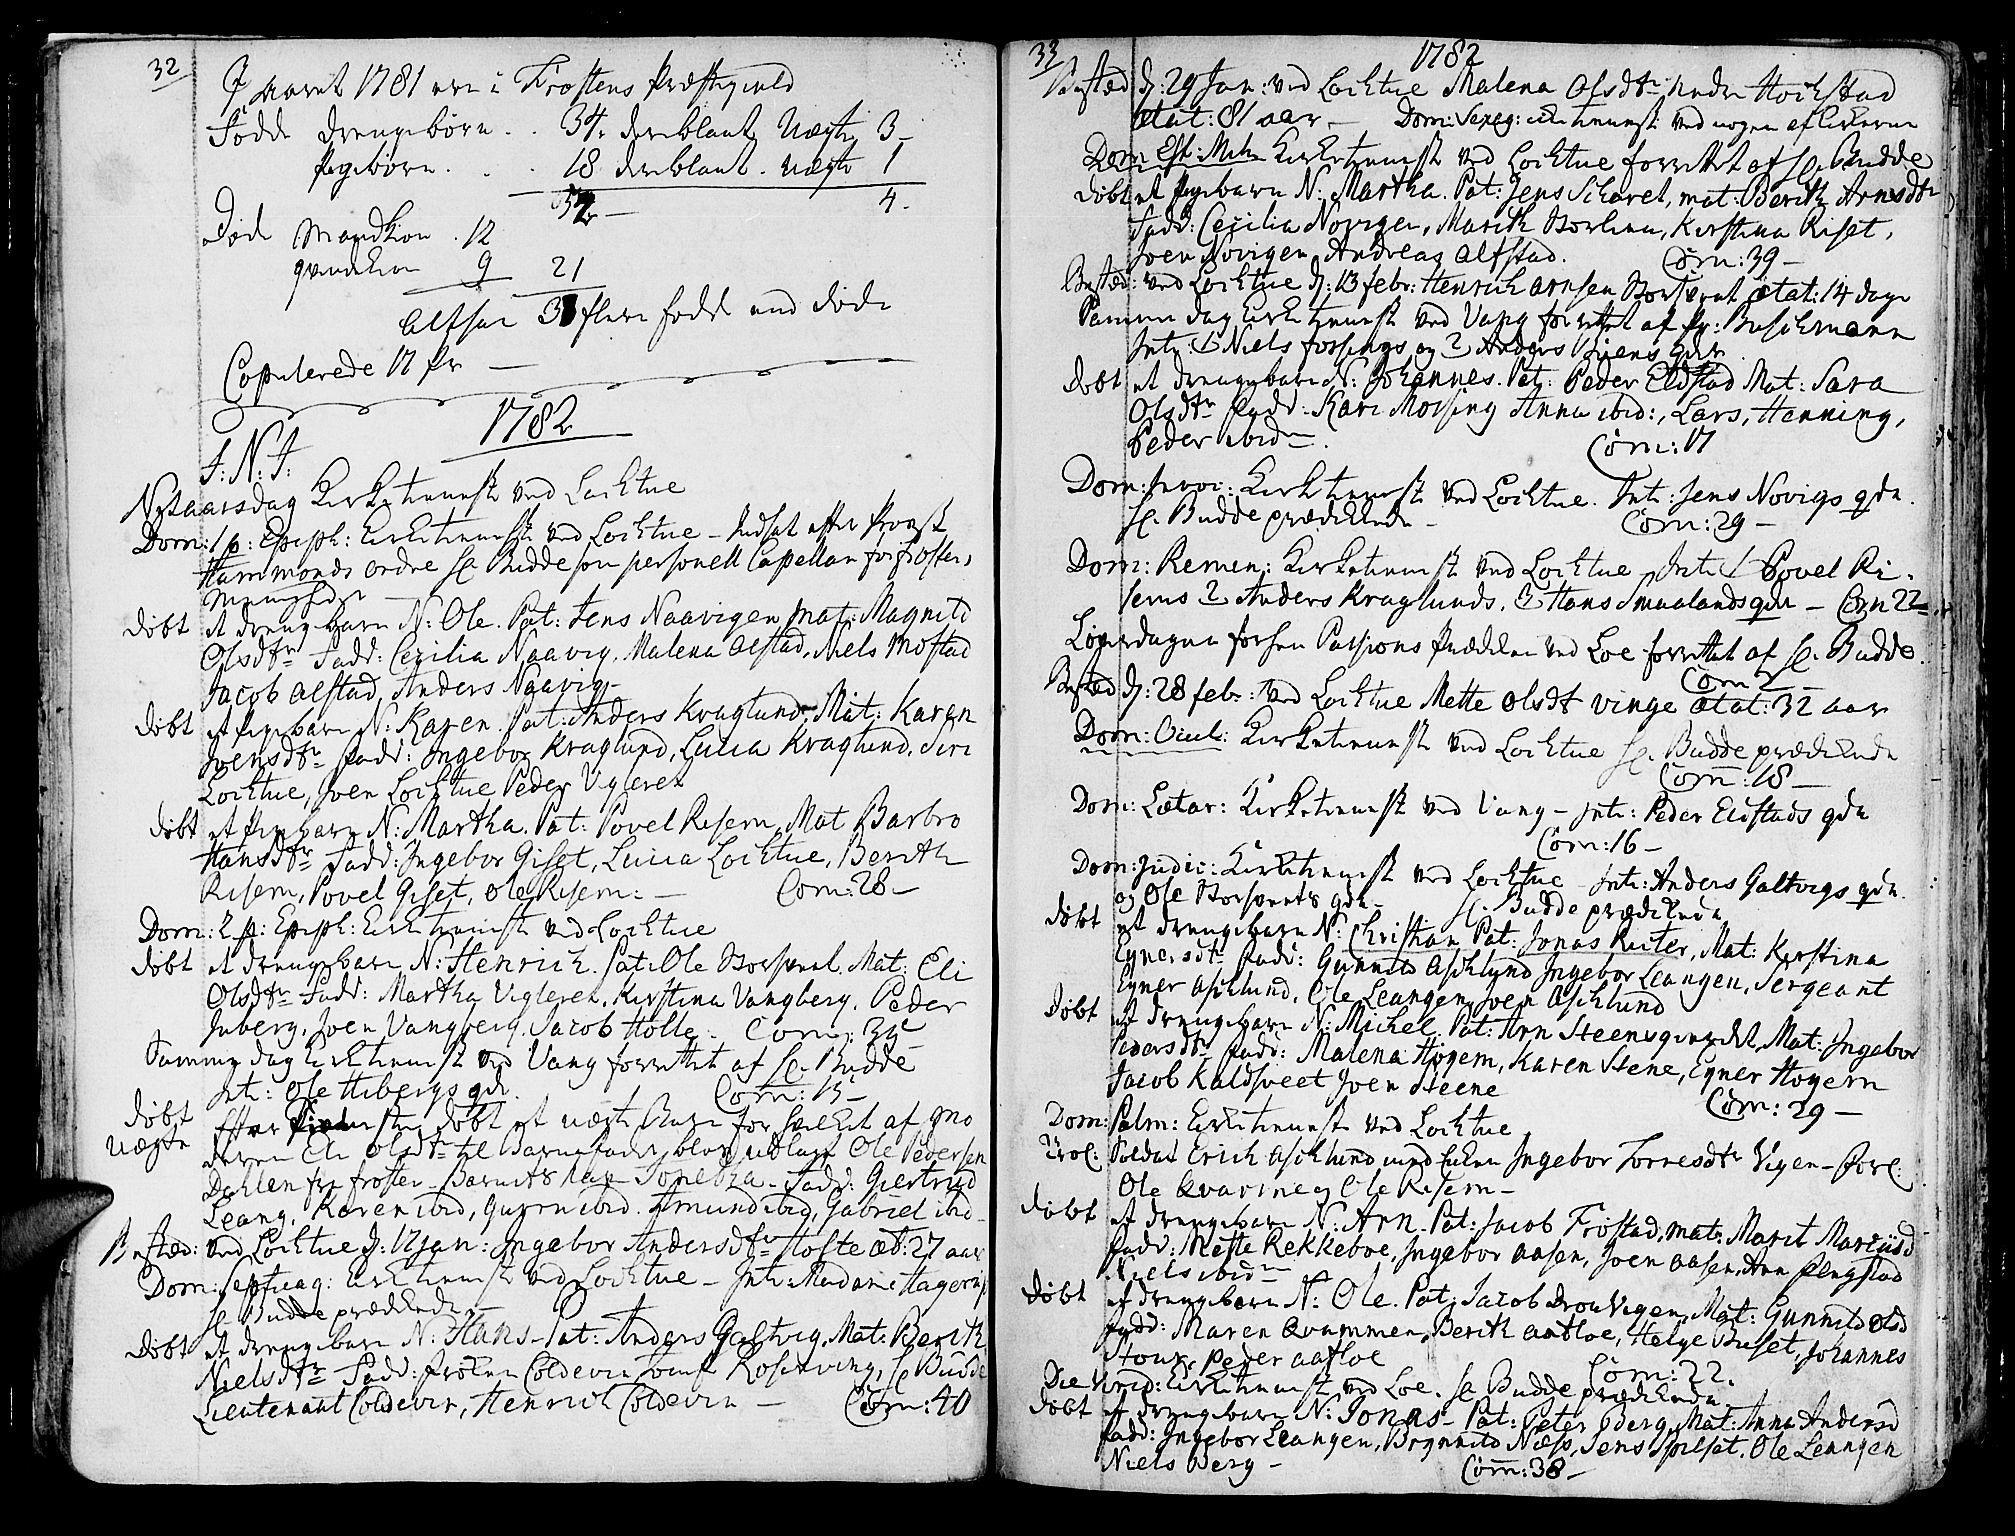 SAT, Ministerialprotokoller, klokkerbøker og fødselsregistre - Nord-Trøndelag, 713/L0110: Ministerialbok nr. 713A02, 1778-1811, s. 32-33